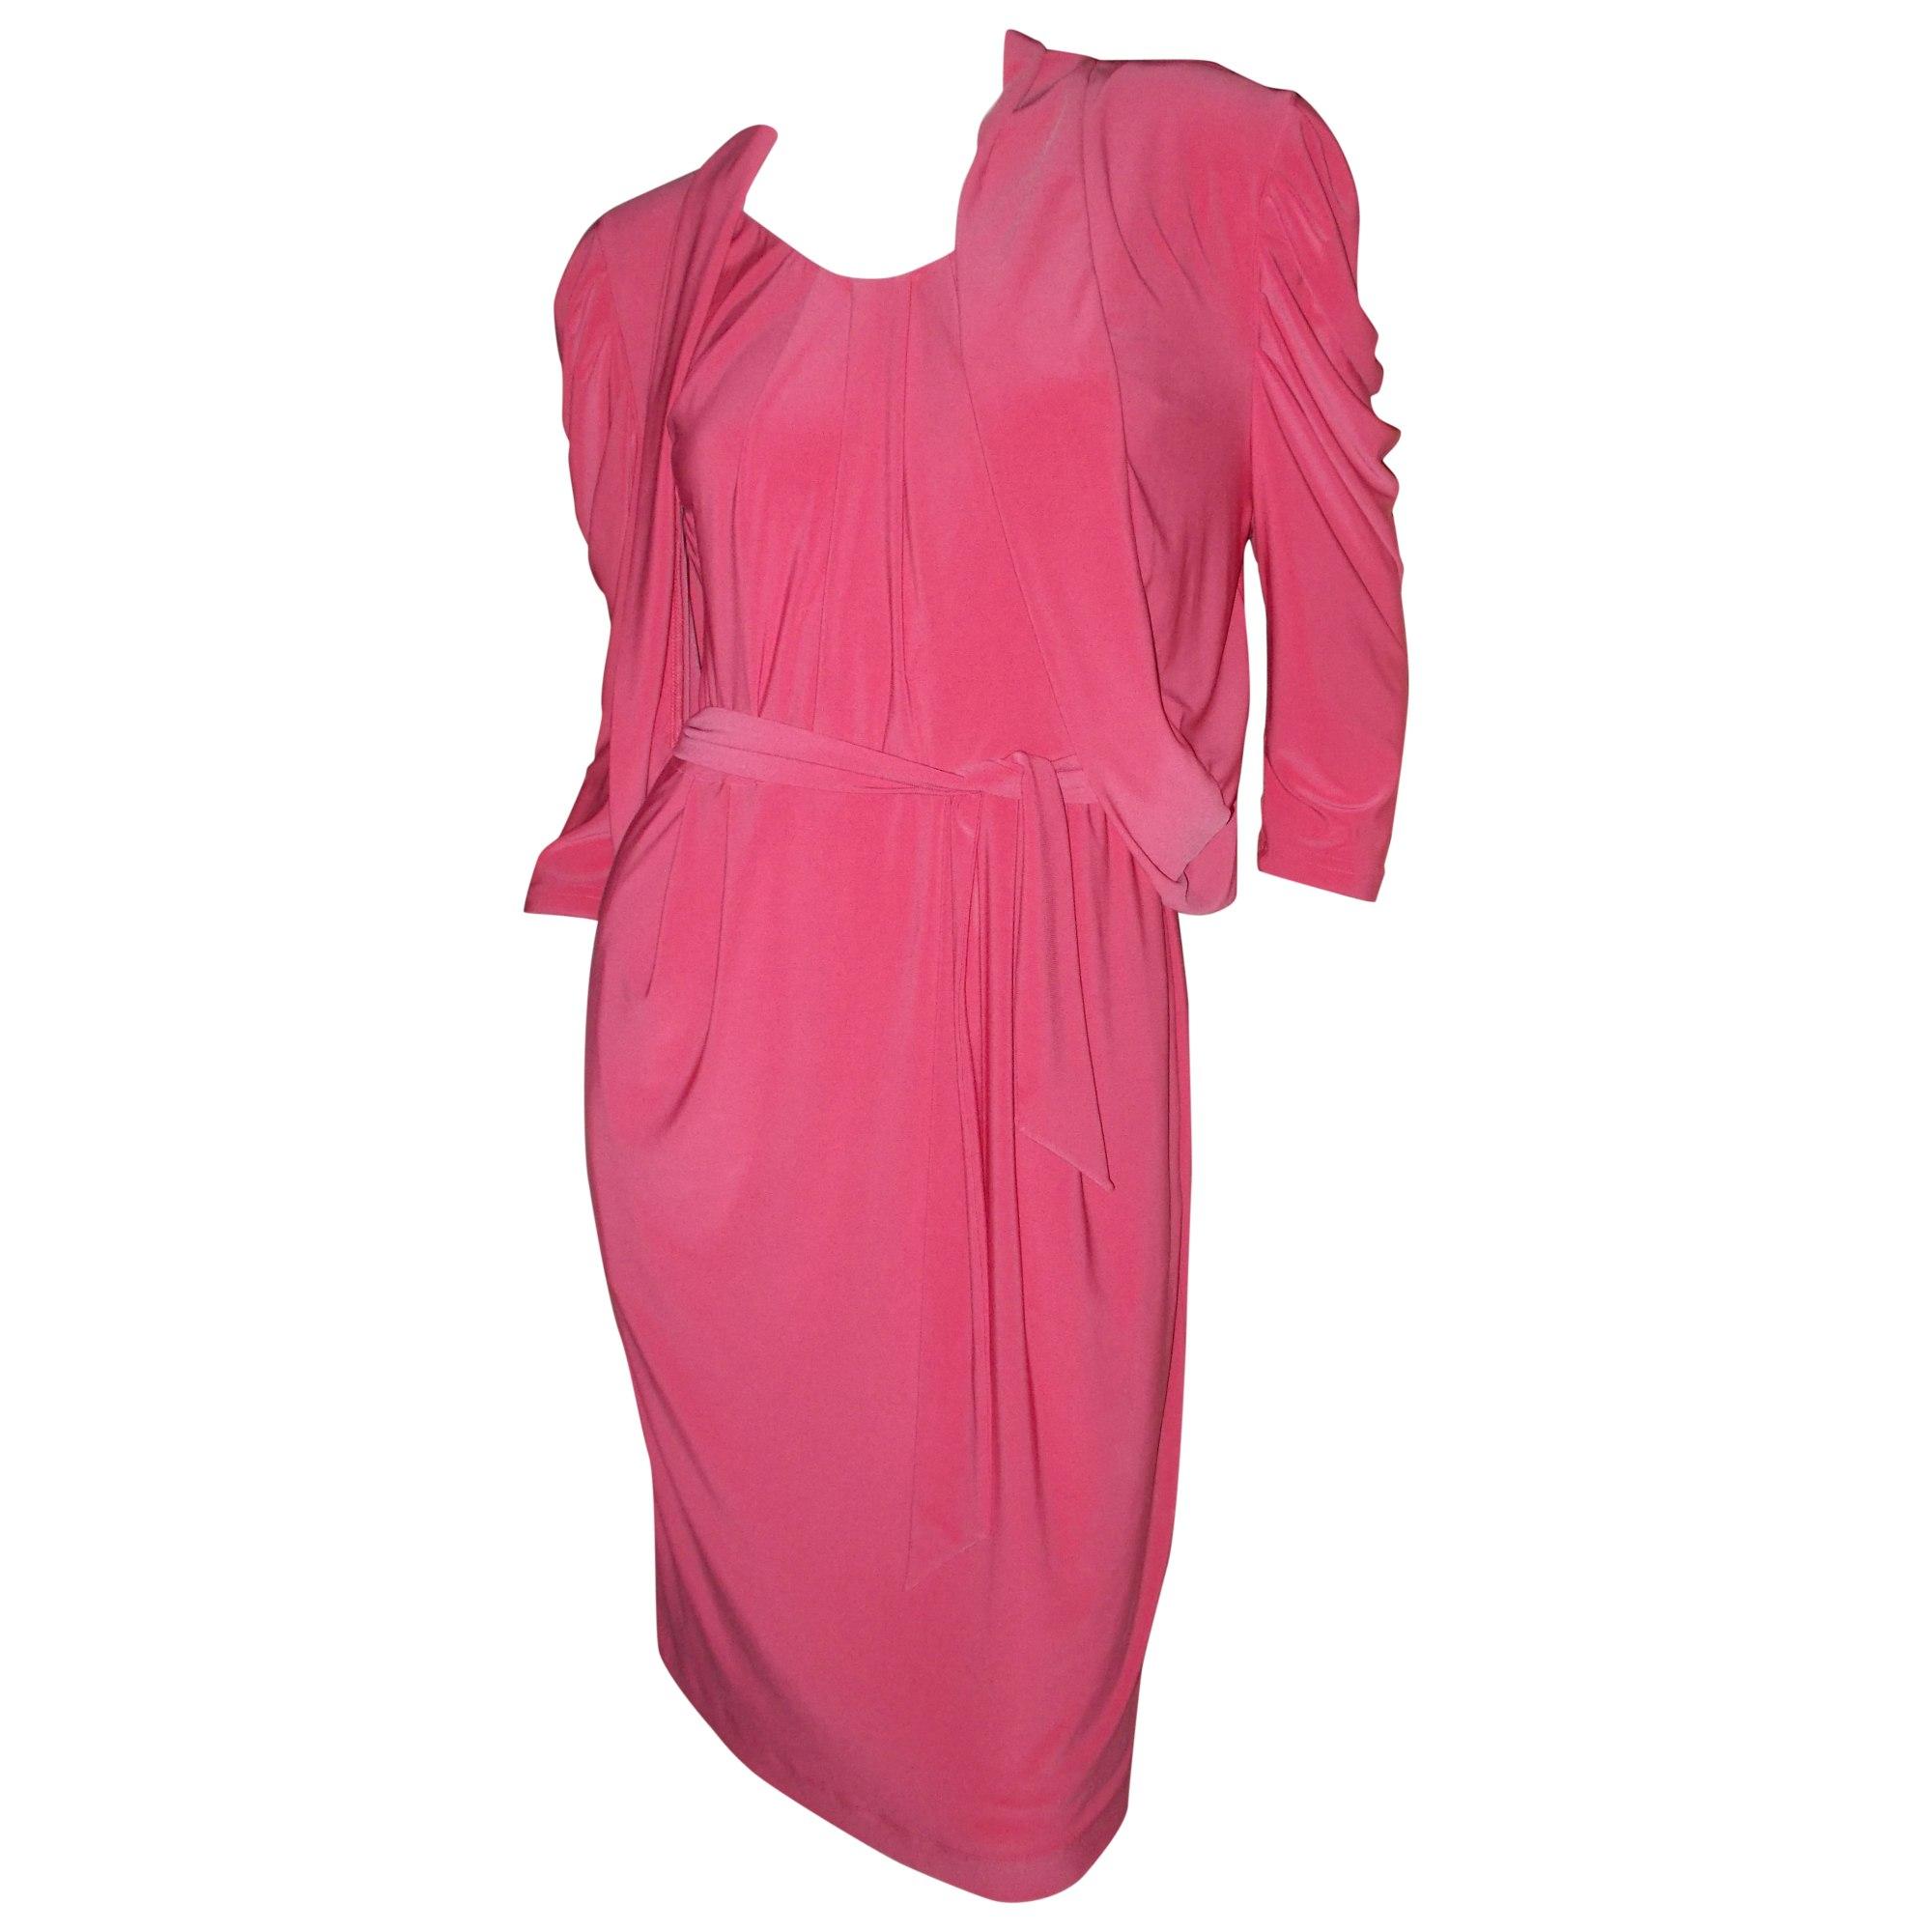 7d810fb6d74 Tailleur robe UN JOUR AILLEURS 36 (S